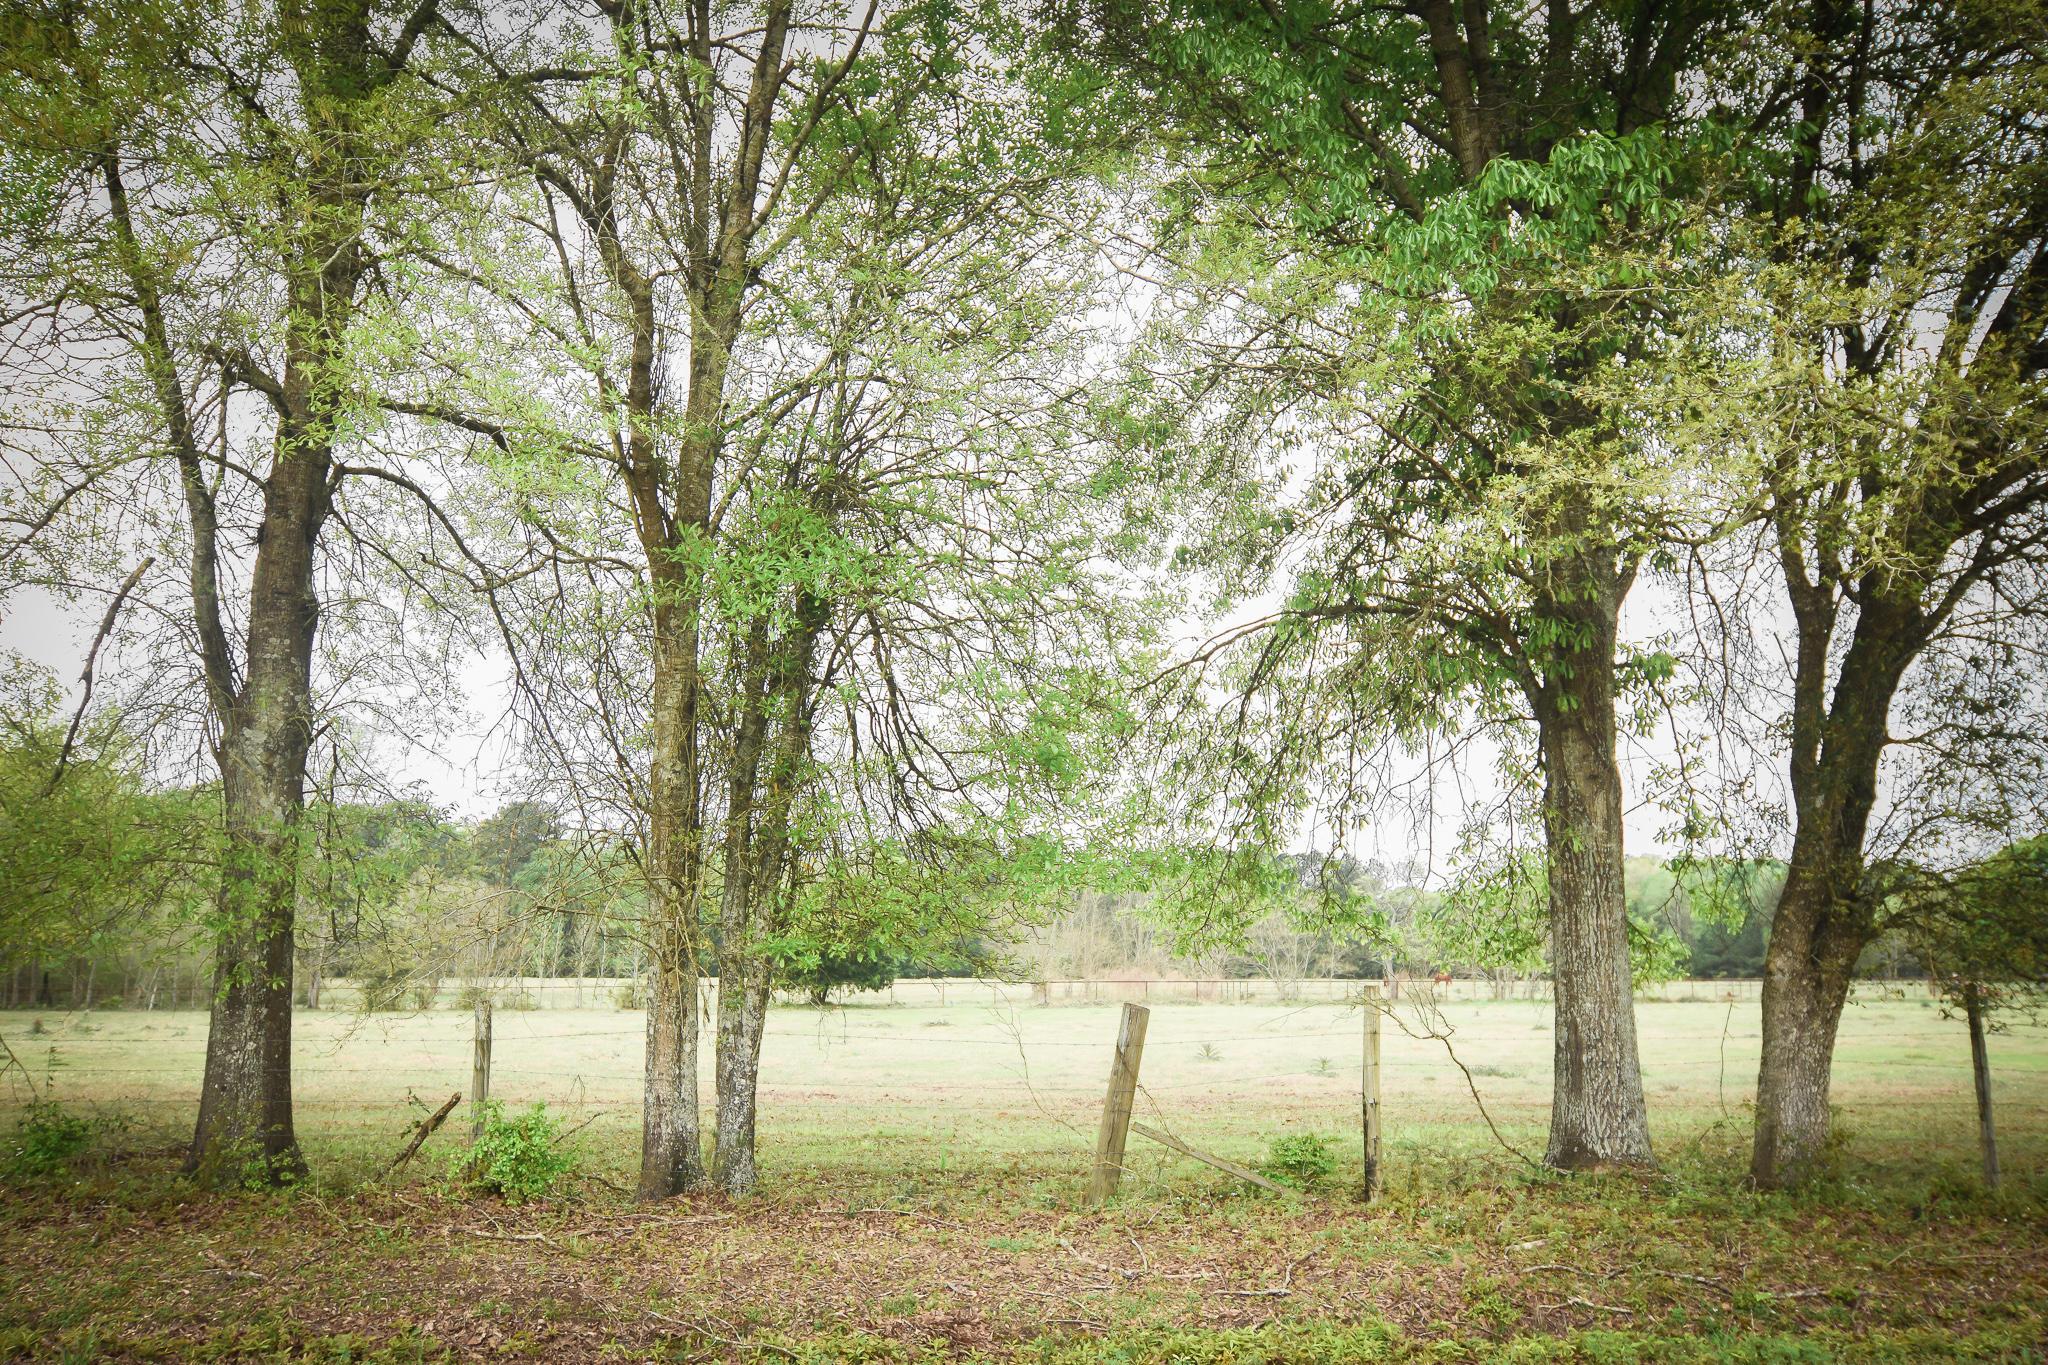 DeRidder land for sale,  TBD Tract 2 Grantham Road, DeRidder LA - $55,500